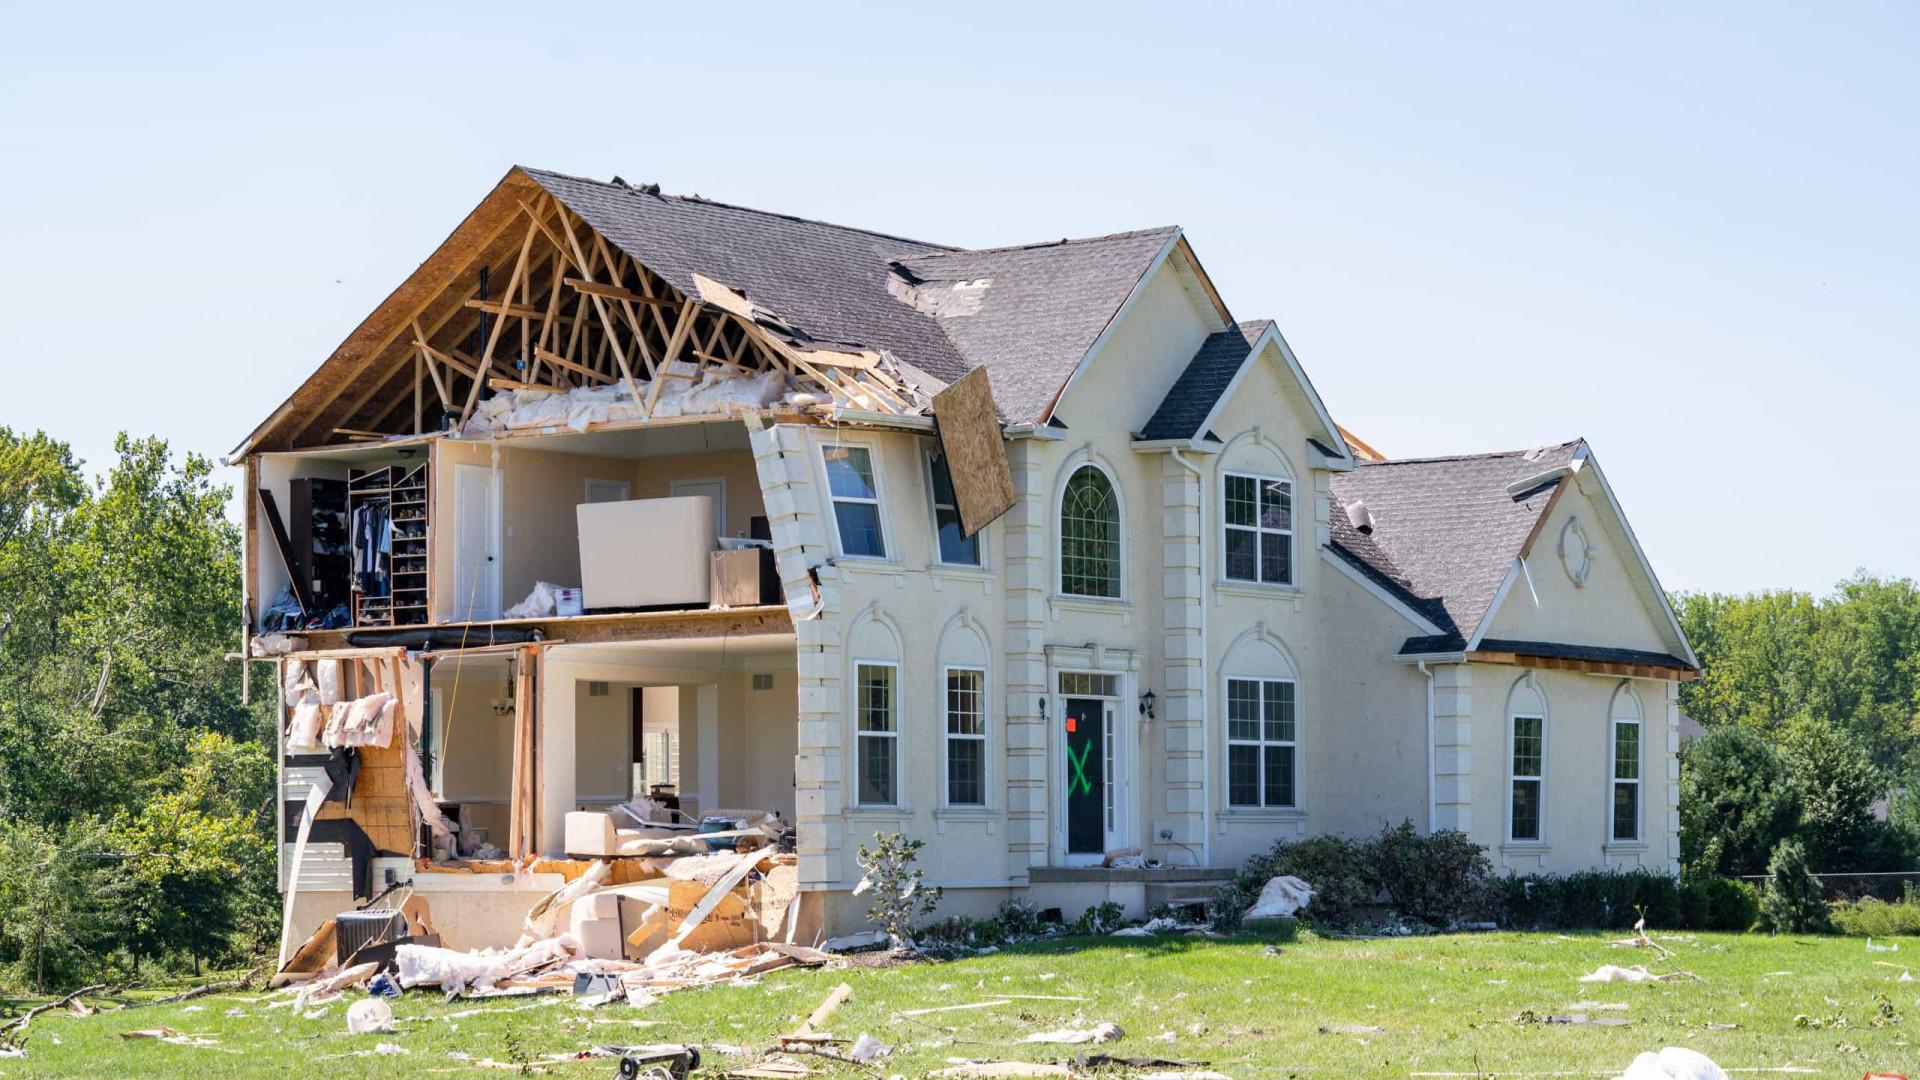 As imagens dos estragos causados pelo devastador furacão Ida nos EUA